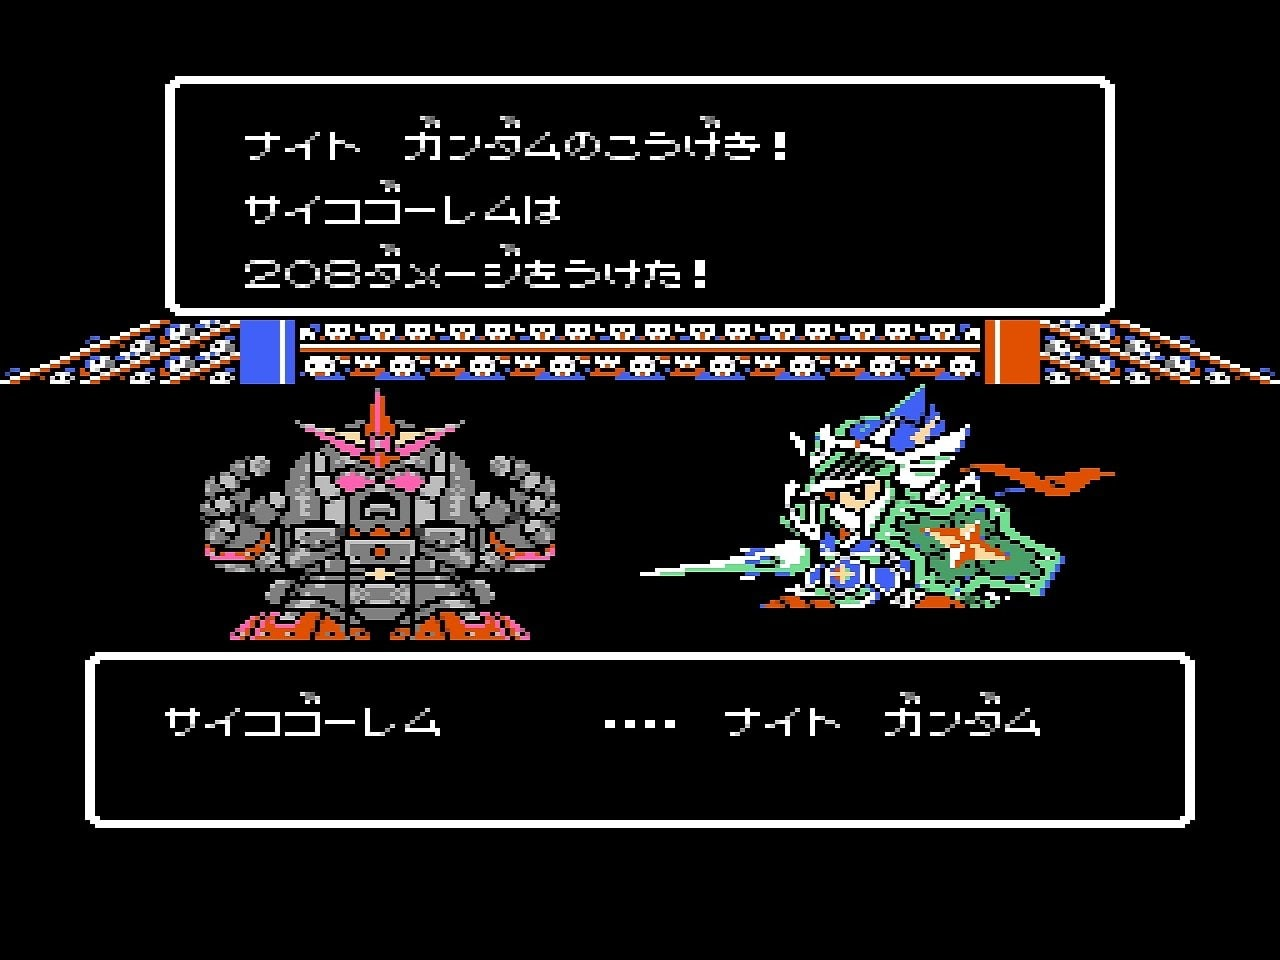 キャラゲー屈指の名作! ファミコン『SDガンダム外伝 ナイトガンダム物語』は「かゆいところに手が届く」RPGだったの画像006